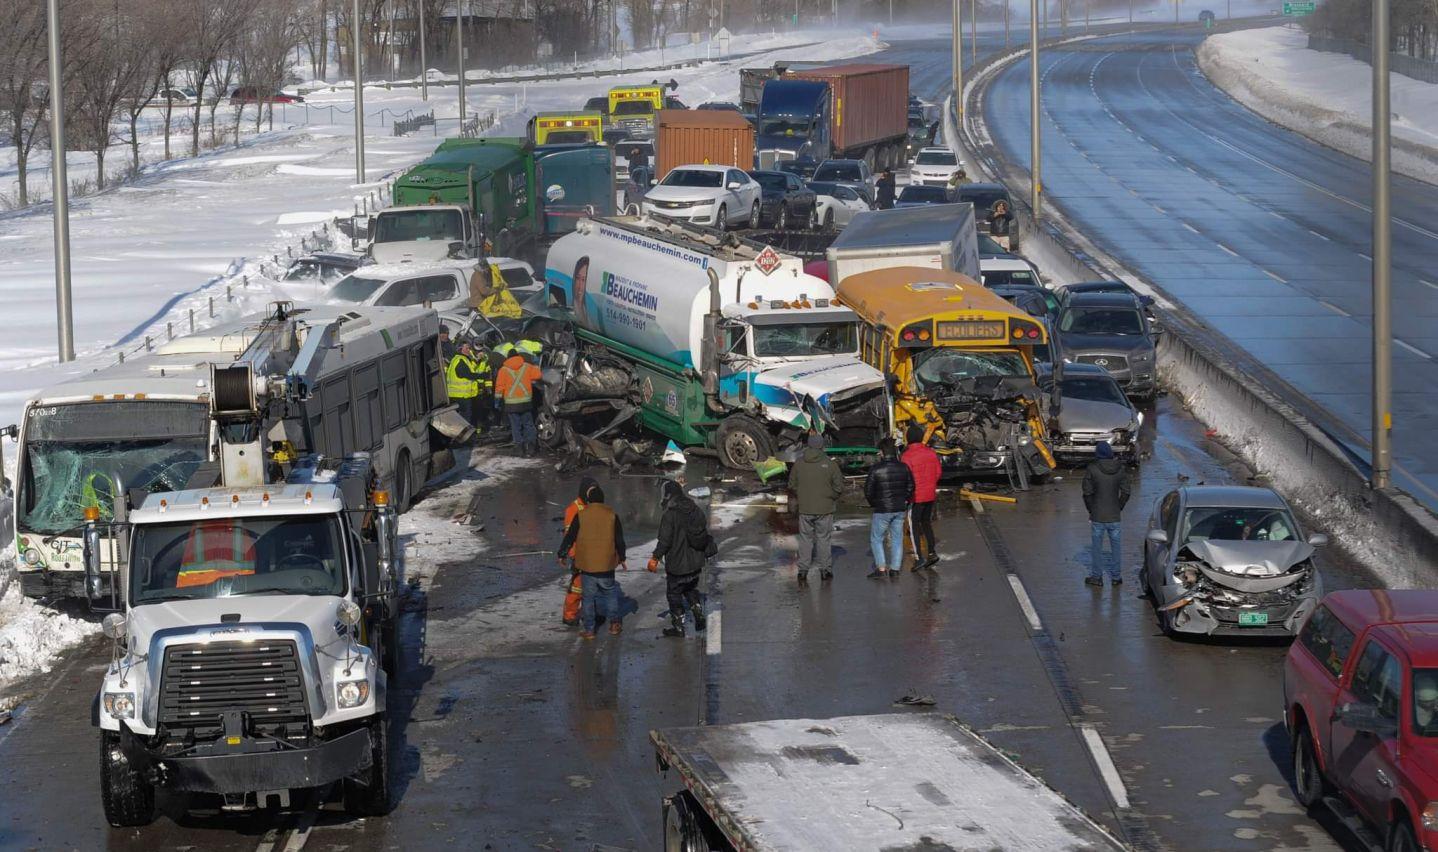 Cel mai teribil accident din ultimii ani! 200 de mașini s-au lovit! VIDEO înfiorător